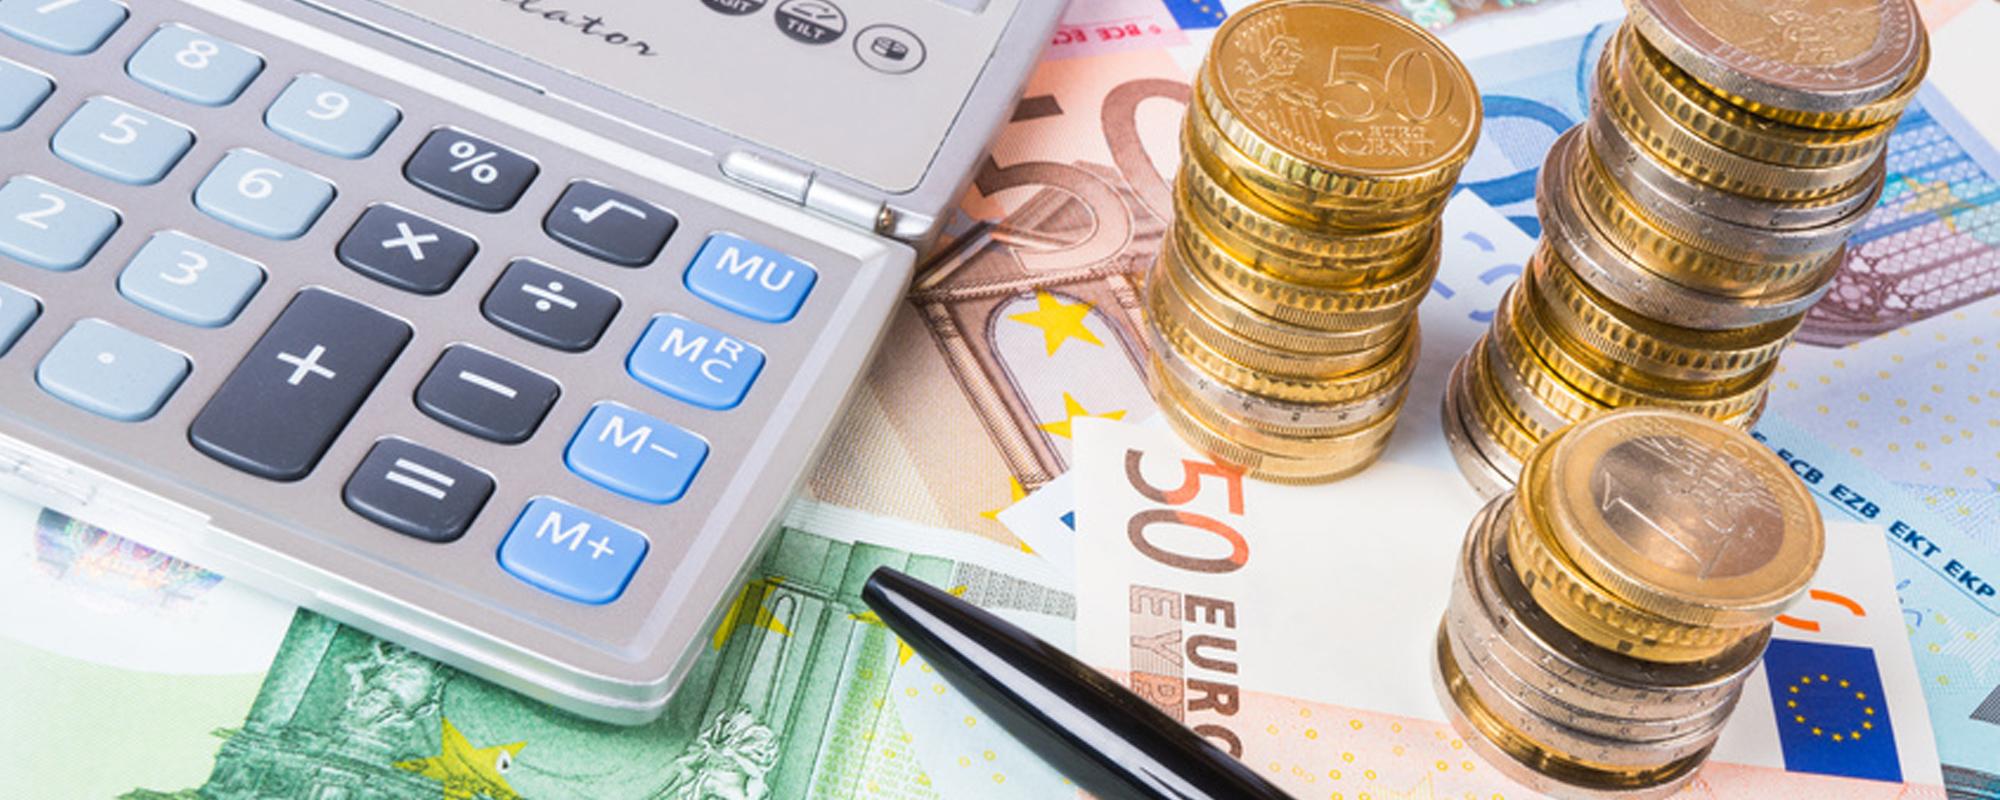 Finanzprofi Müller - Ihr Finanz- und Versicherungsmakler in Fachbach. Wir sind Ihr kompetenter Ansprechpartner rund um Ihre Finanzen und Investments. fullsize